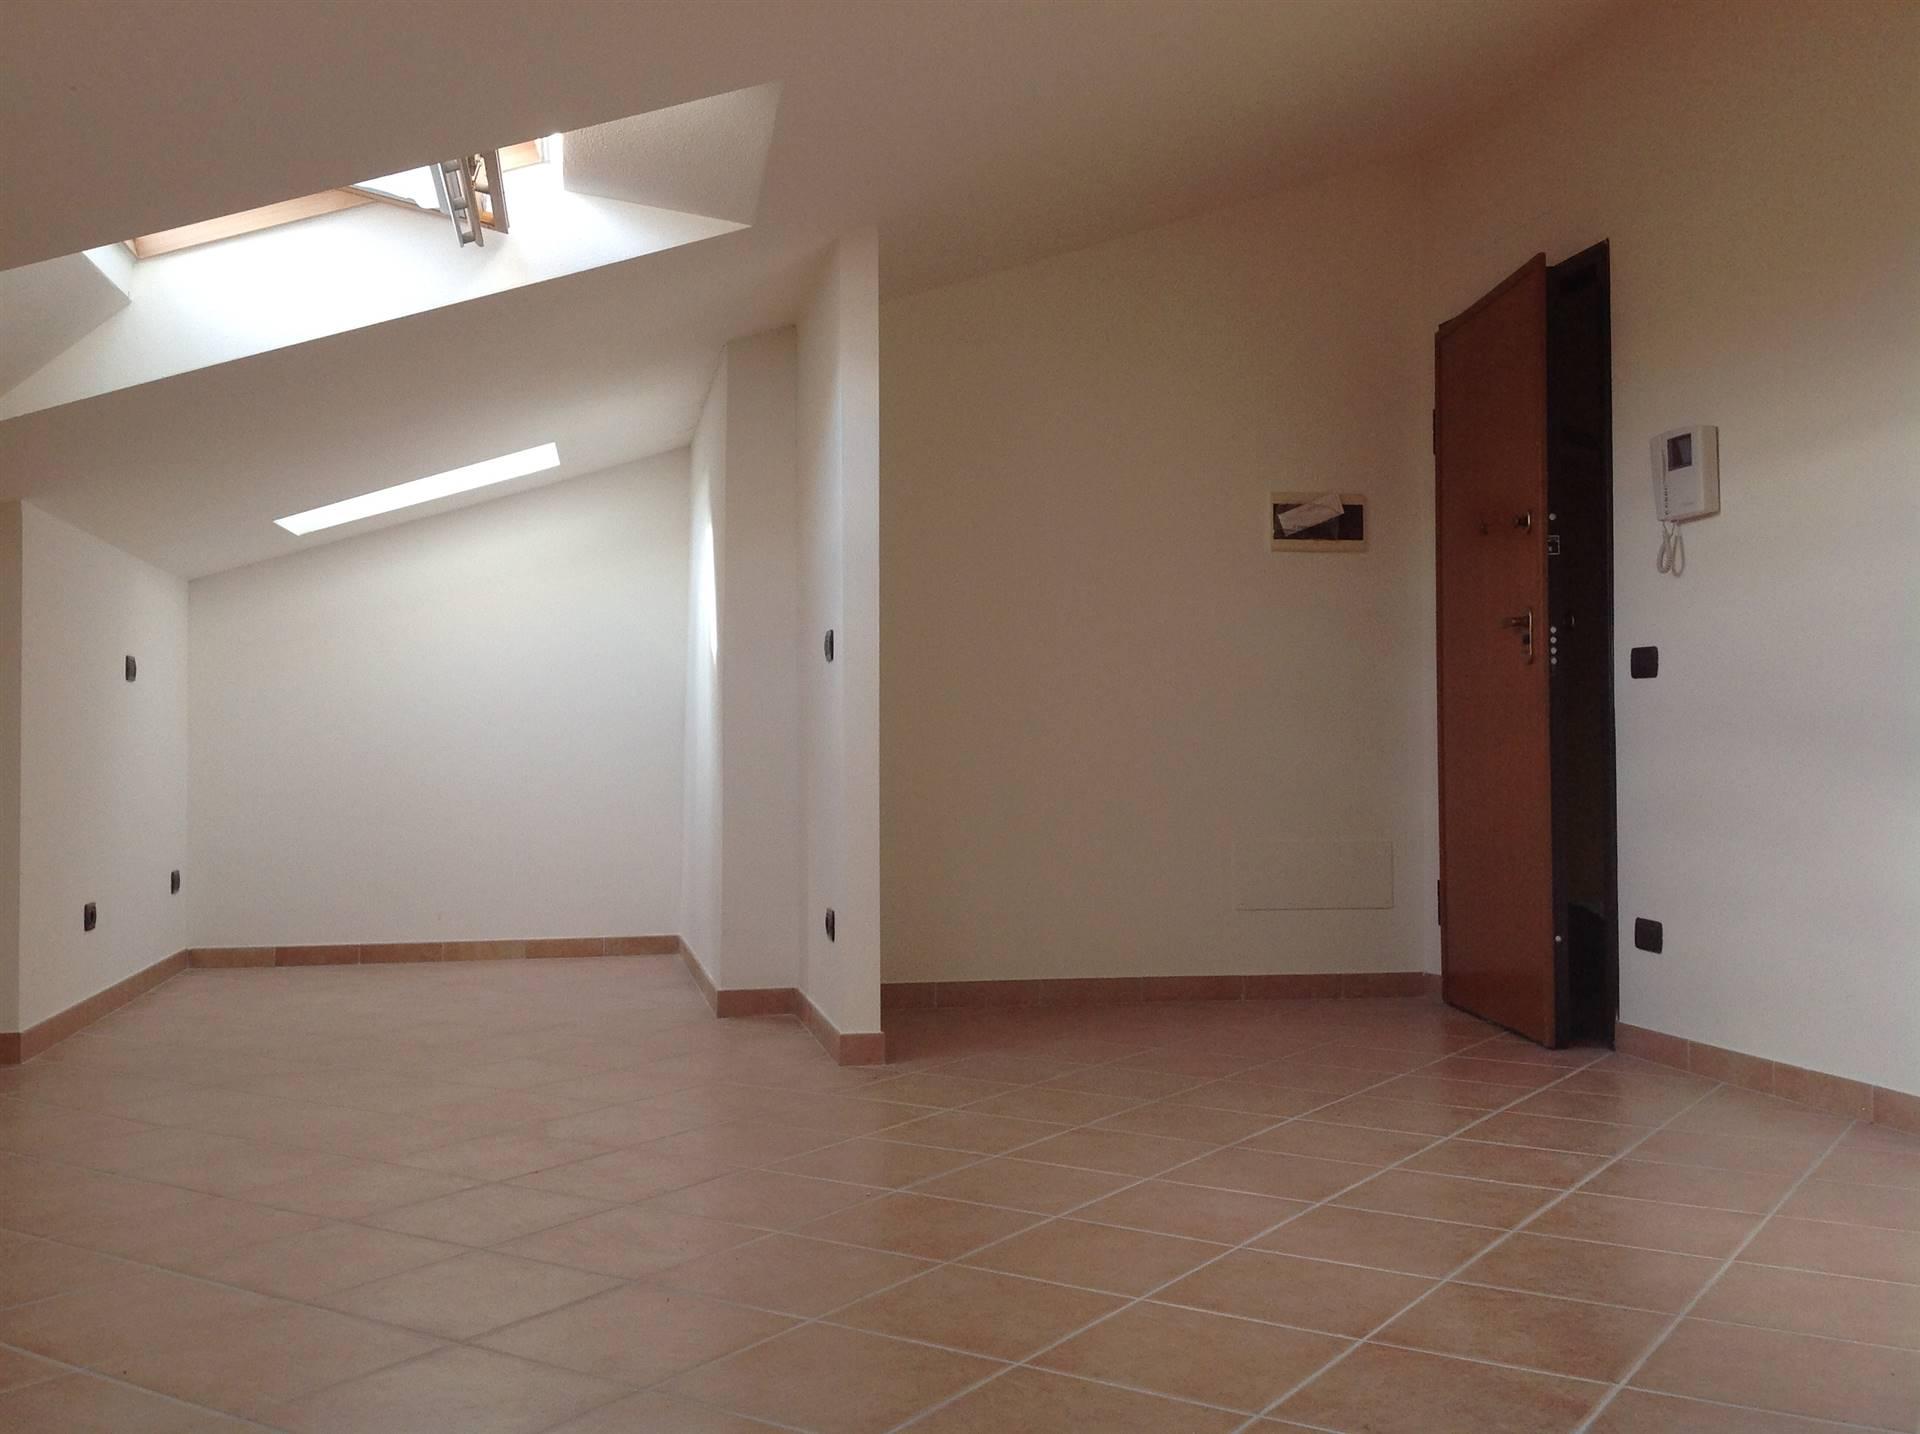 Attico / Mansarda in vendita a Montignoso, 3 locali, zona uale, prezzo € 86.000 | PortaleAgenzieImmobiliari.it